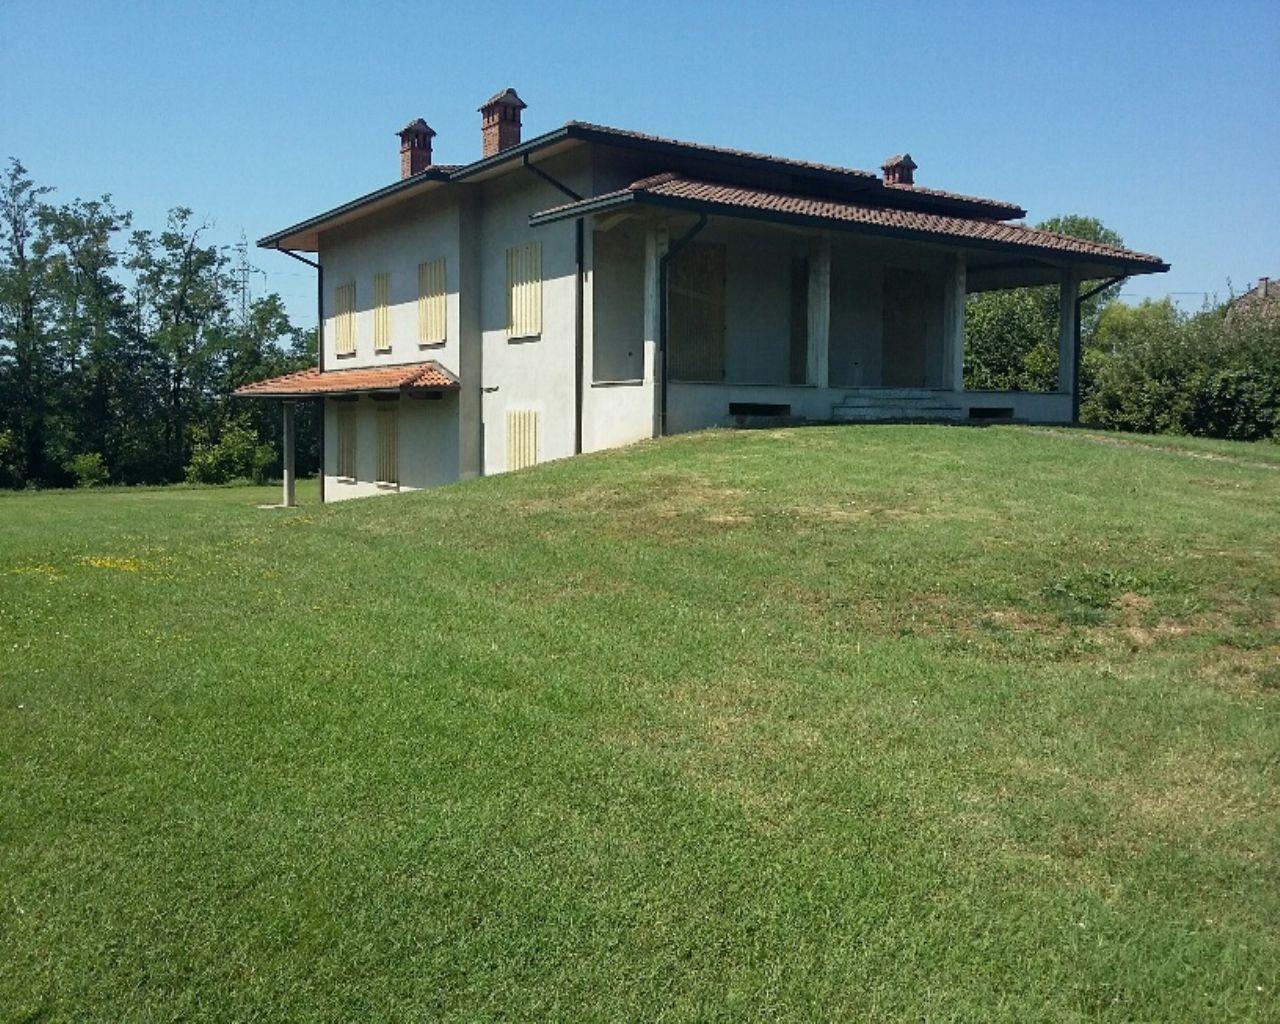 Villa in vendita a Miradolo Terme, 7 locali, prezzo € 315.000 | CambioCasa.it